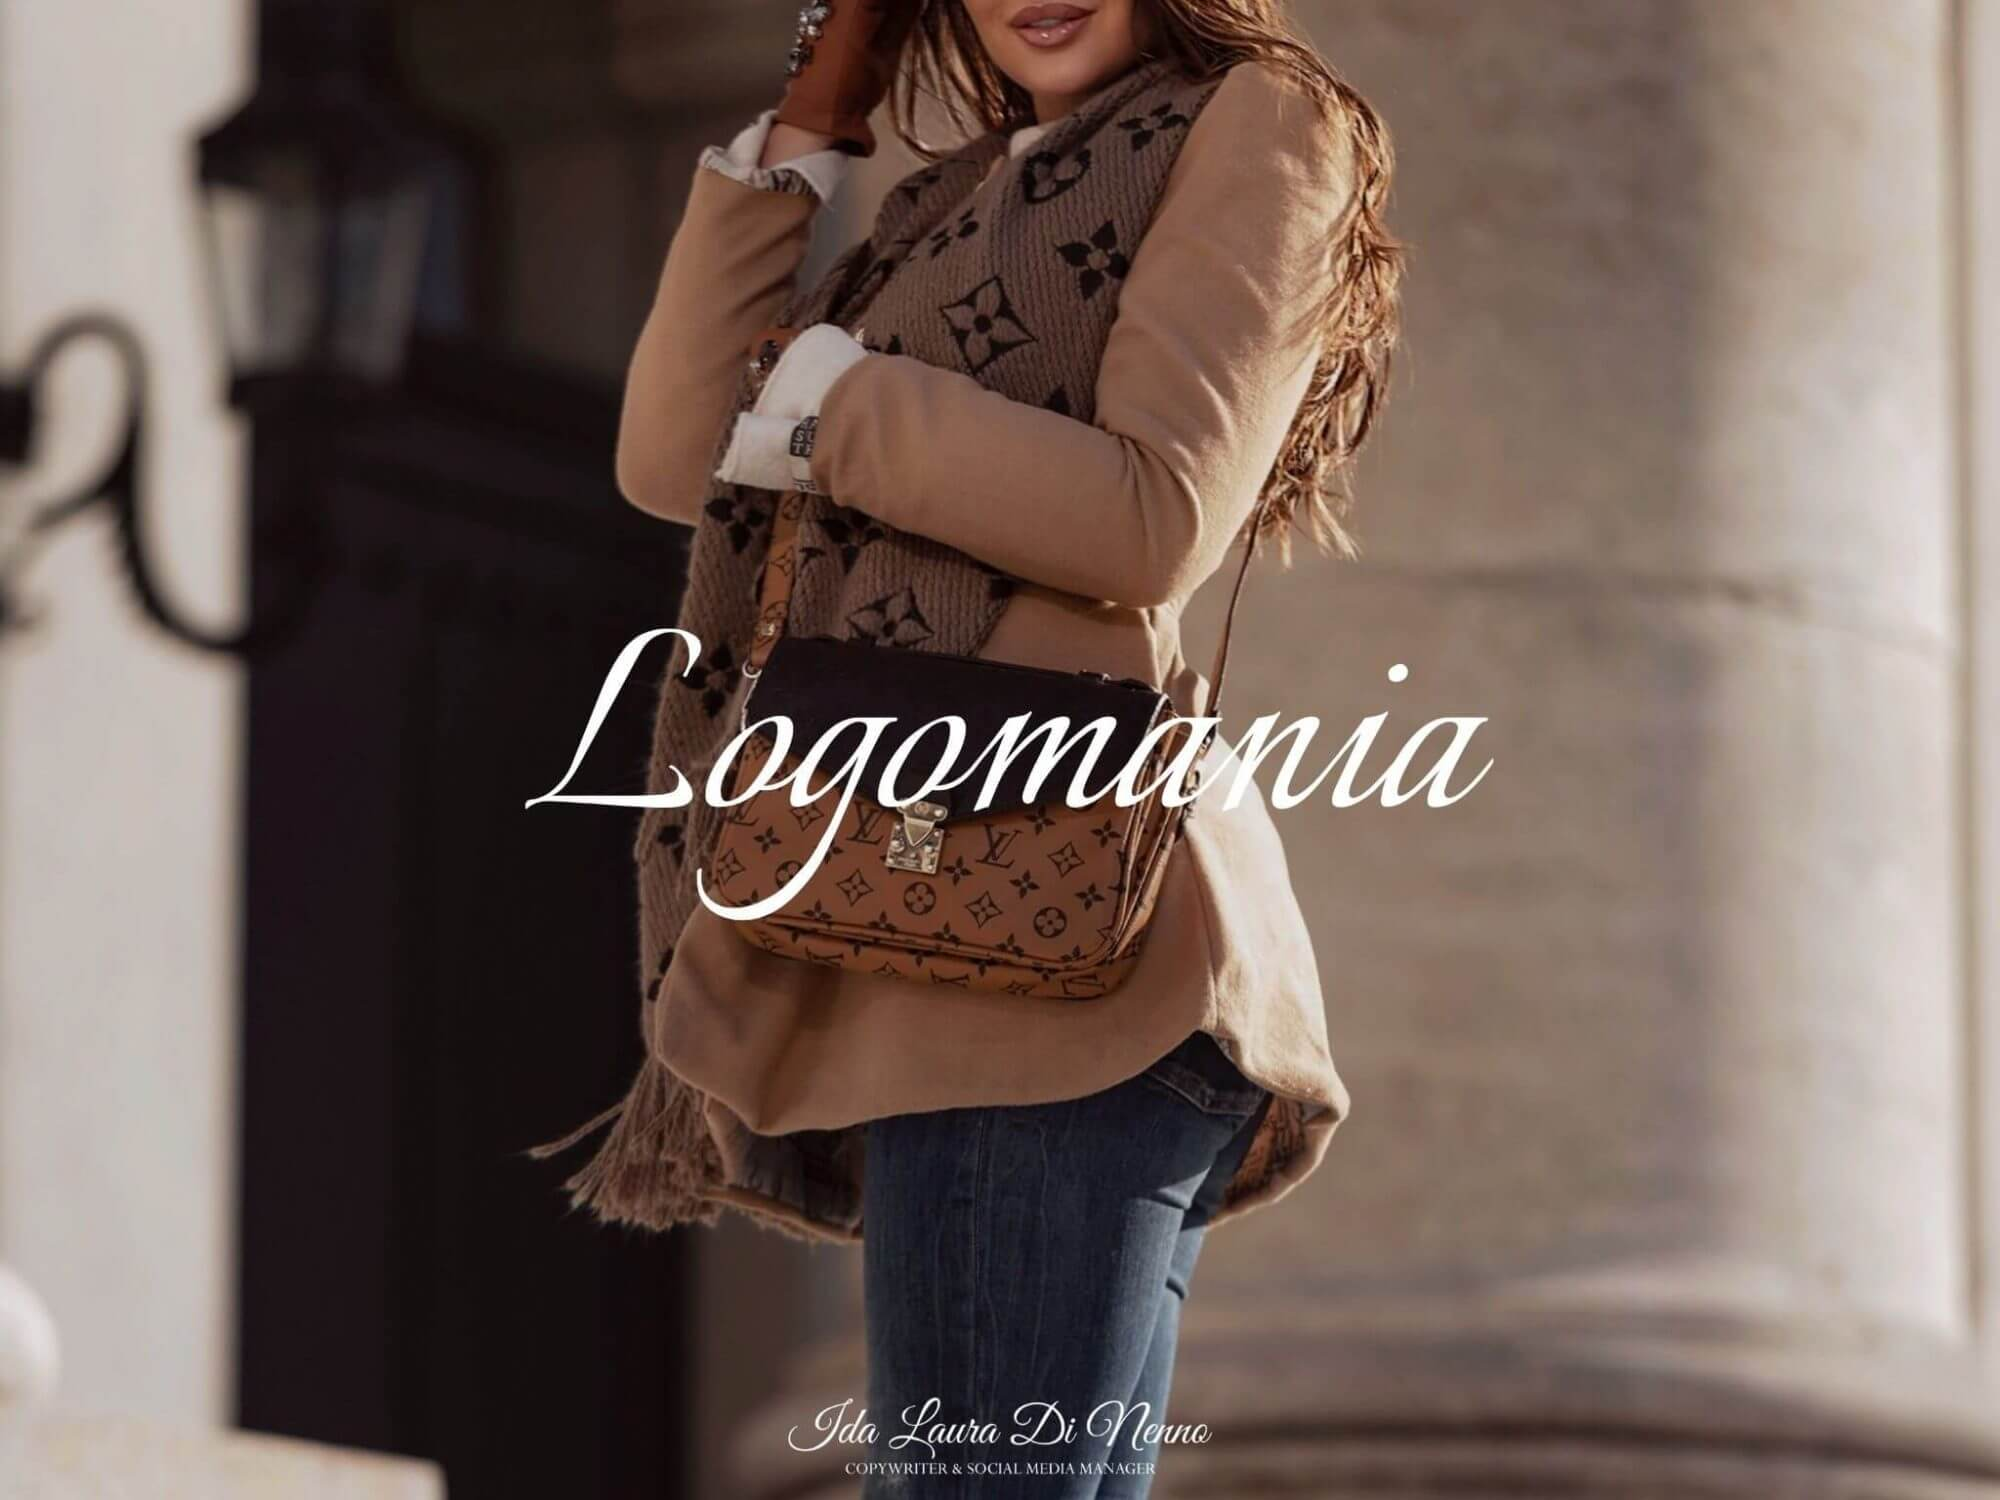 Logomania: il piacere di mostrare